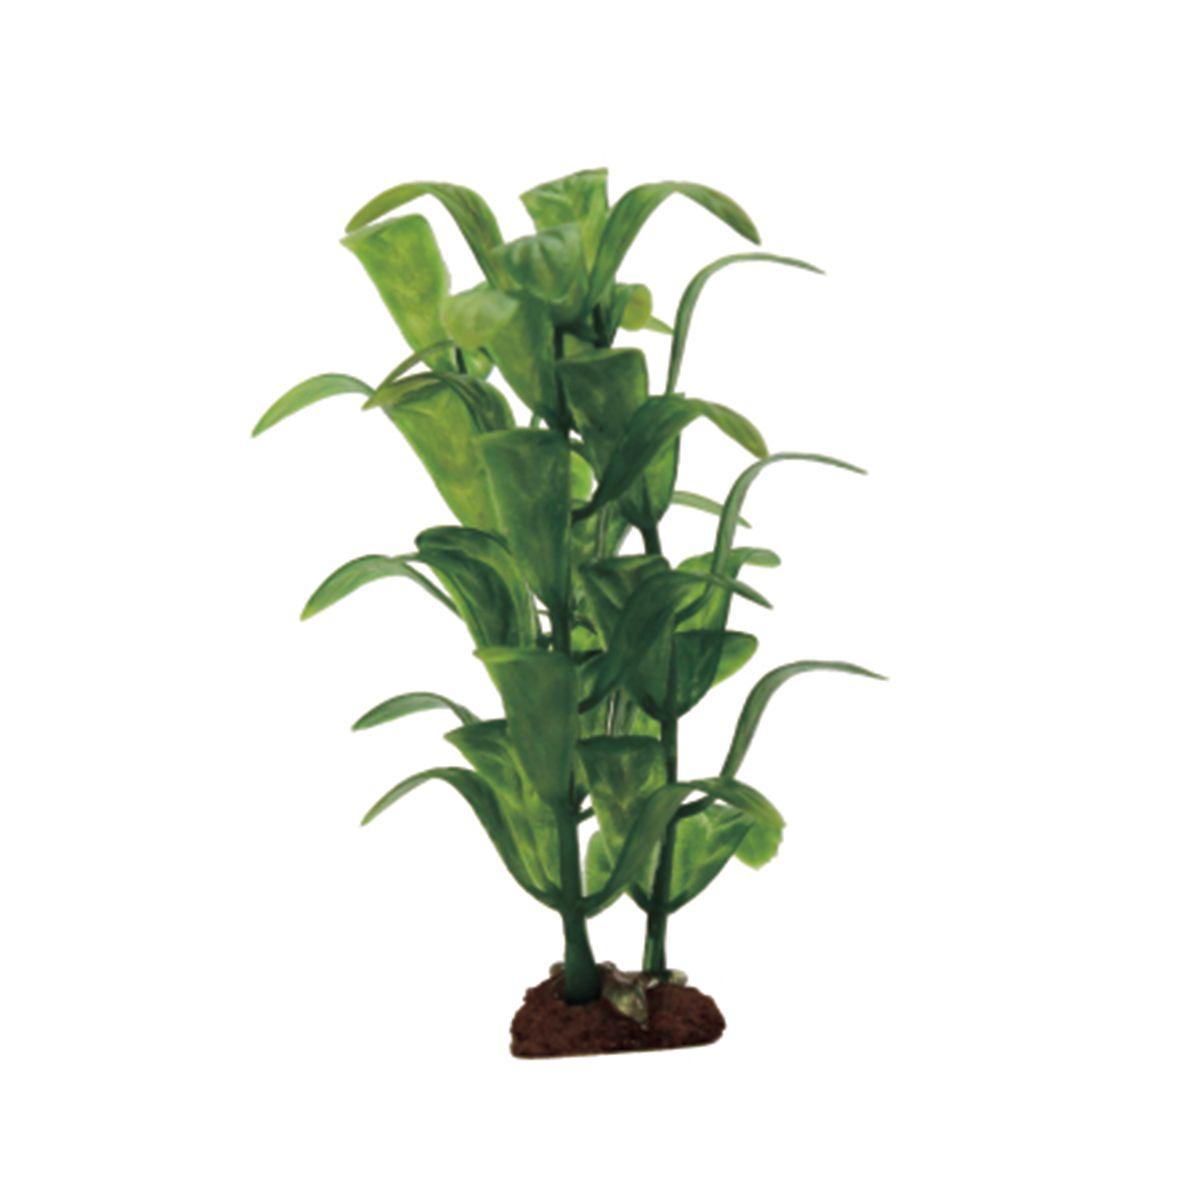 Растение для аквариума ArtUniq Стаурогин, высота 10 см, 6 шт0120710Композиция из искусственных растений ArtUniq превосходно украсит и оживит аквариум.Растения - это важная часть любой композиции, они помогут вдохнуть жизнь в ландшафт любого аквариума или террариума. А их сходствос природными порадует даже самых взыскательных ценителей.